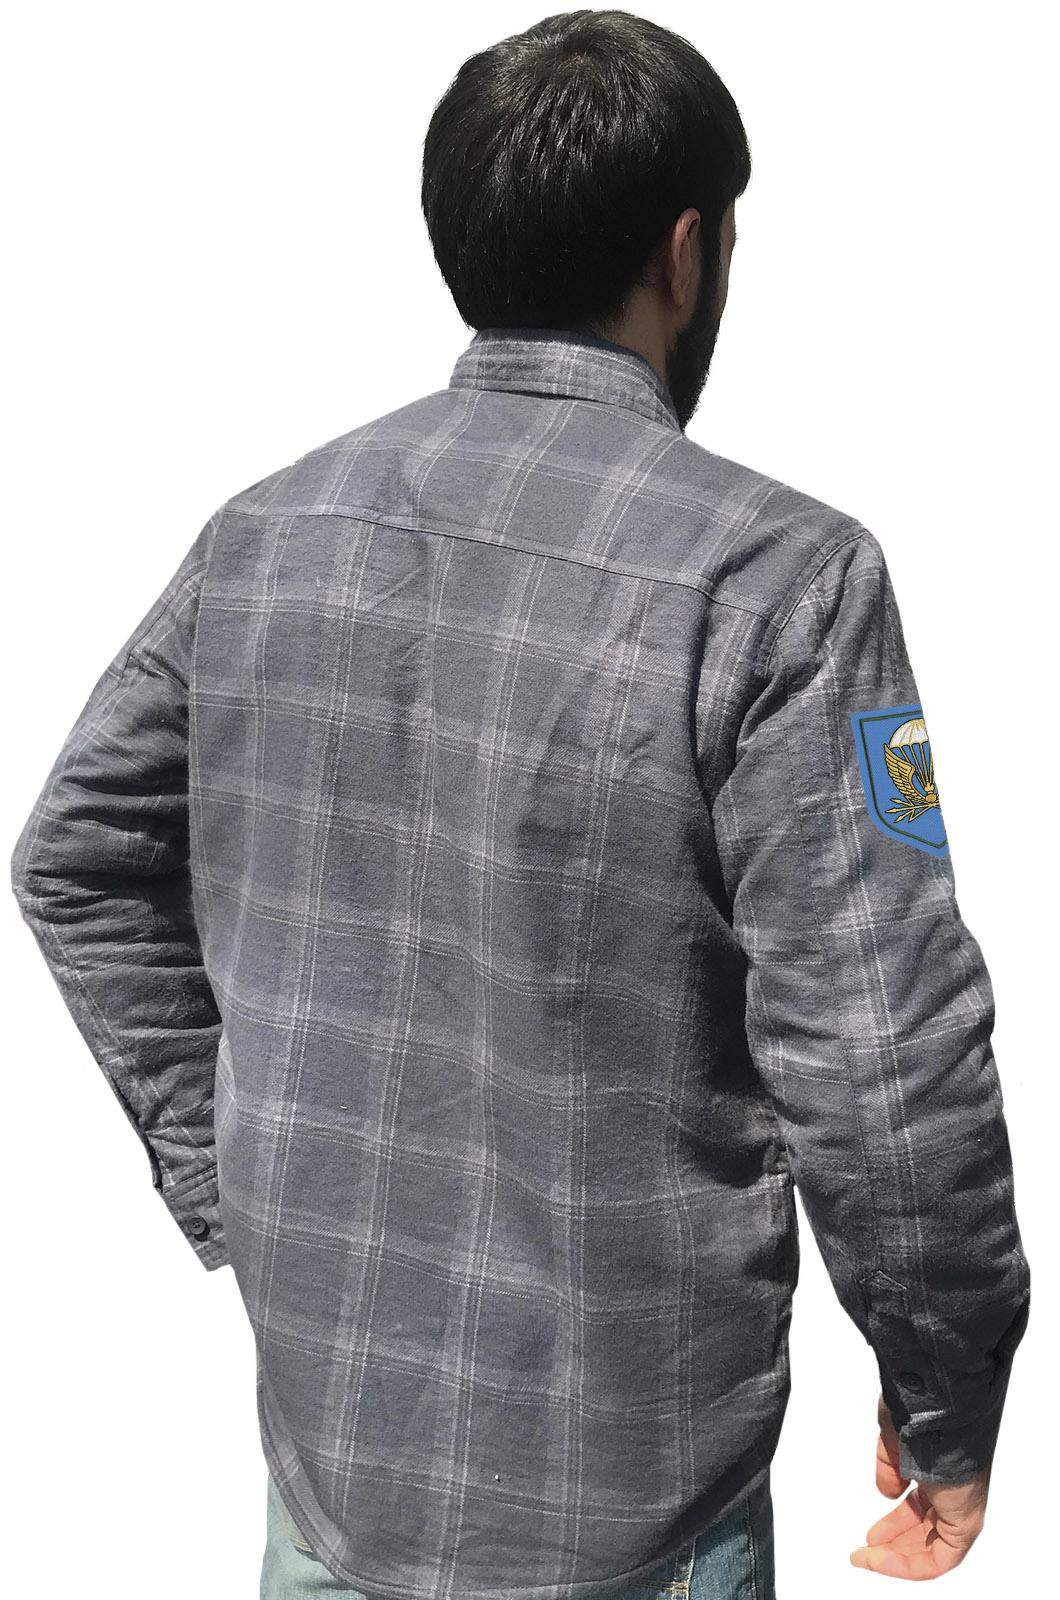 Купить лаконичную рубашку с вышитым шевроном 38 отдельный полк связи ВДВ оптом или в розницу